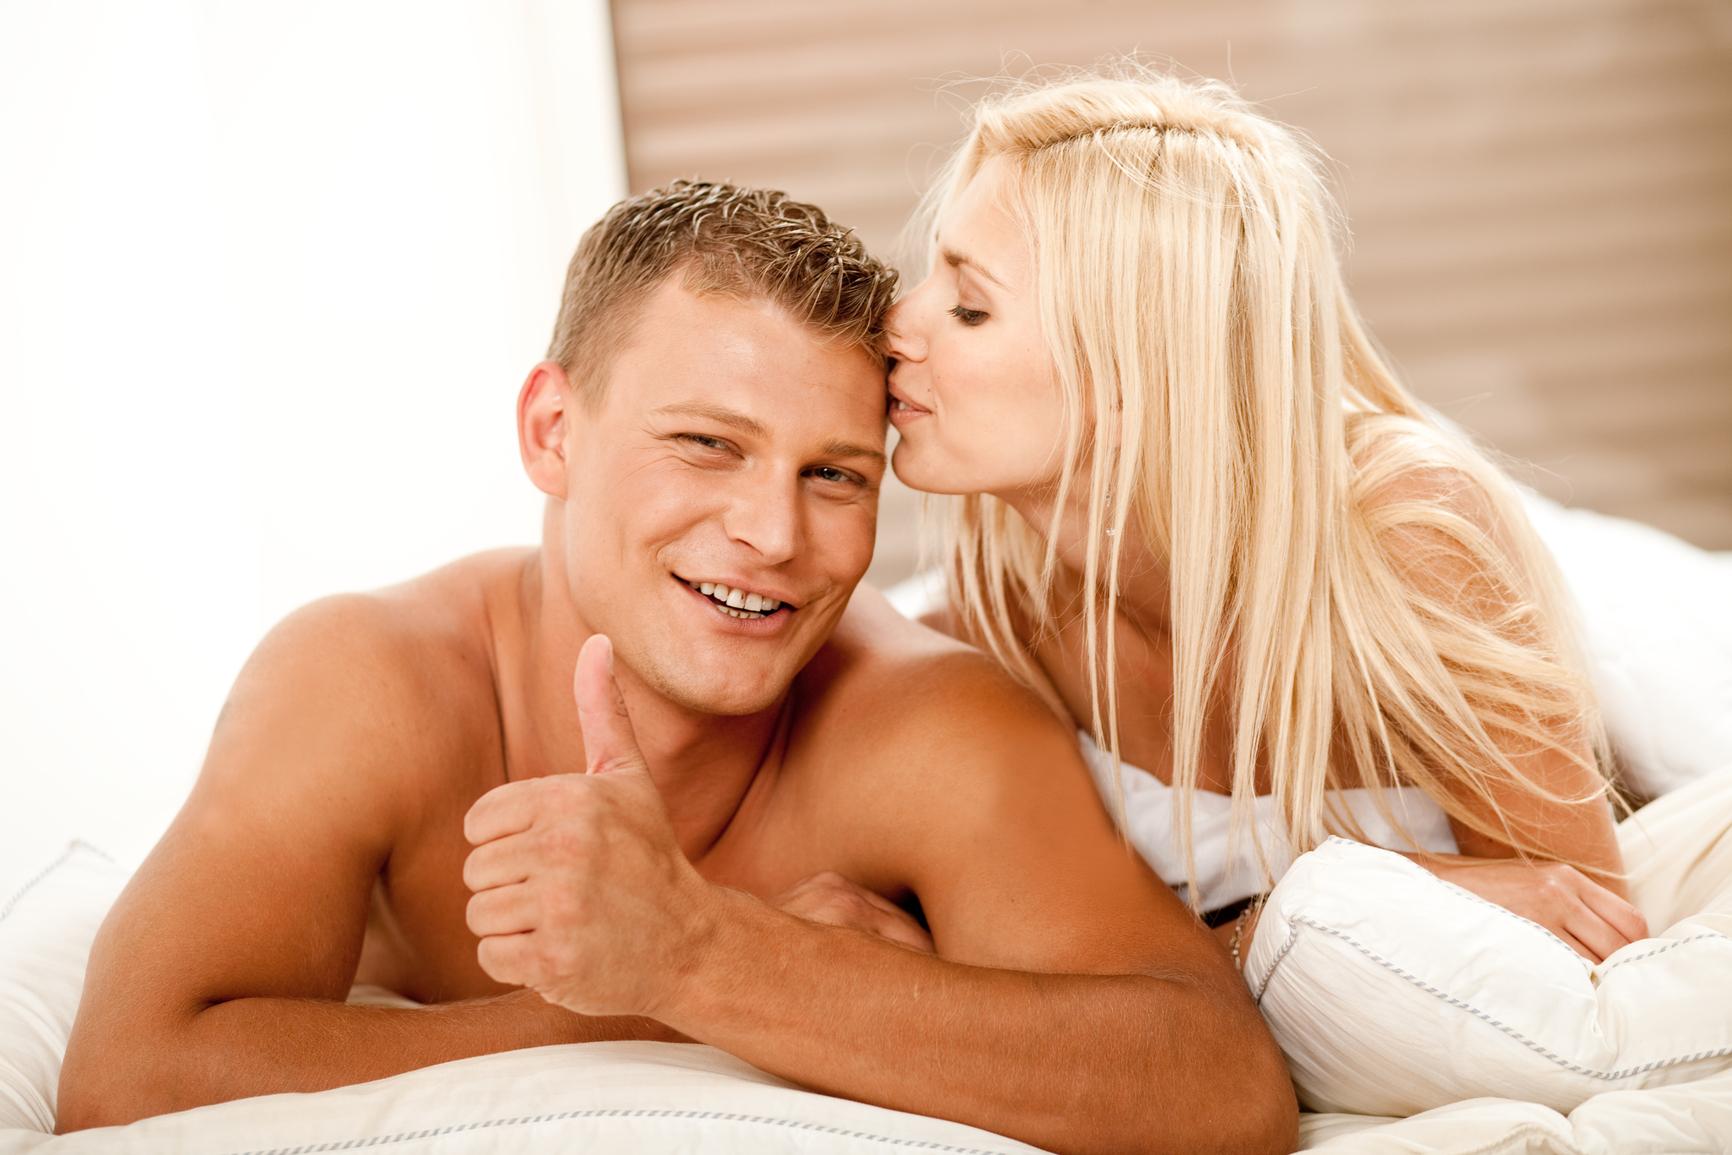 chto-usilivaet-seksualnoe-vlechenie